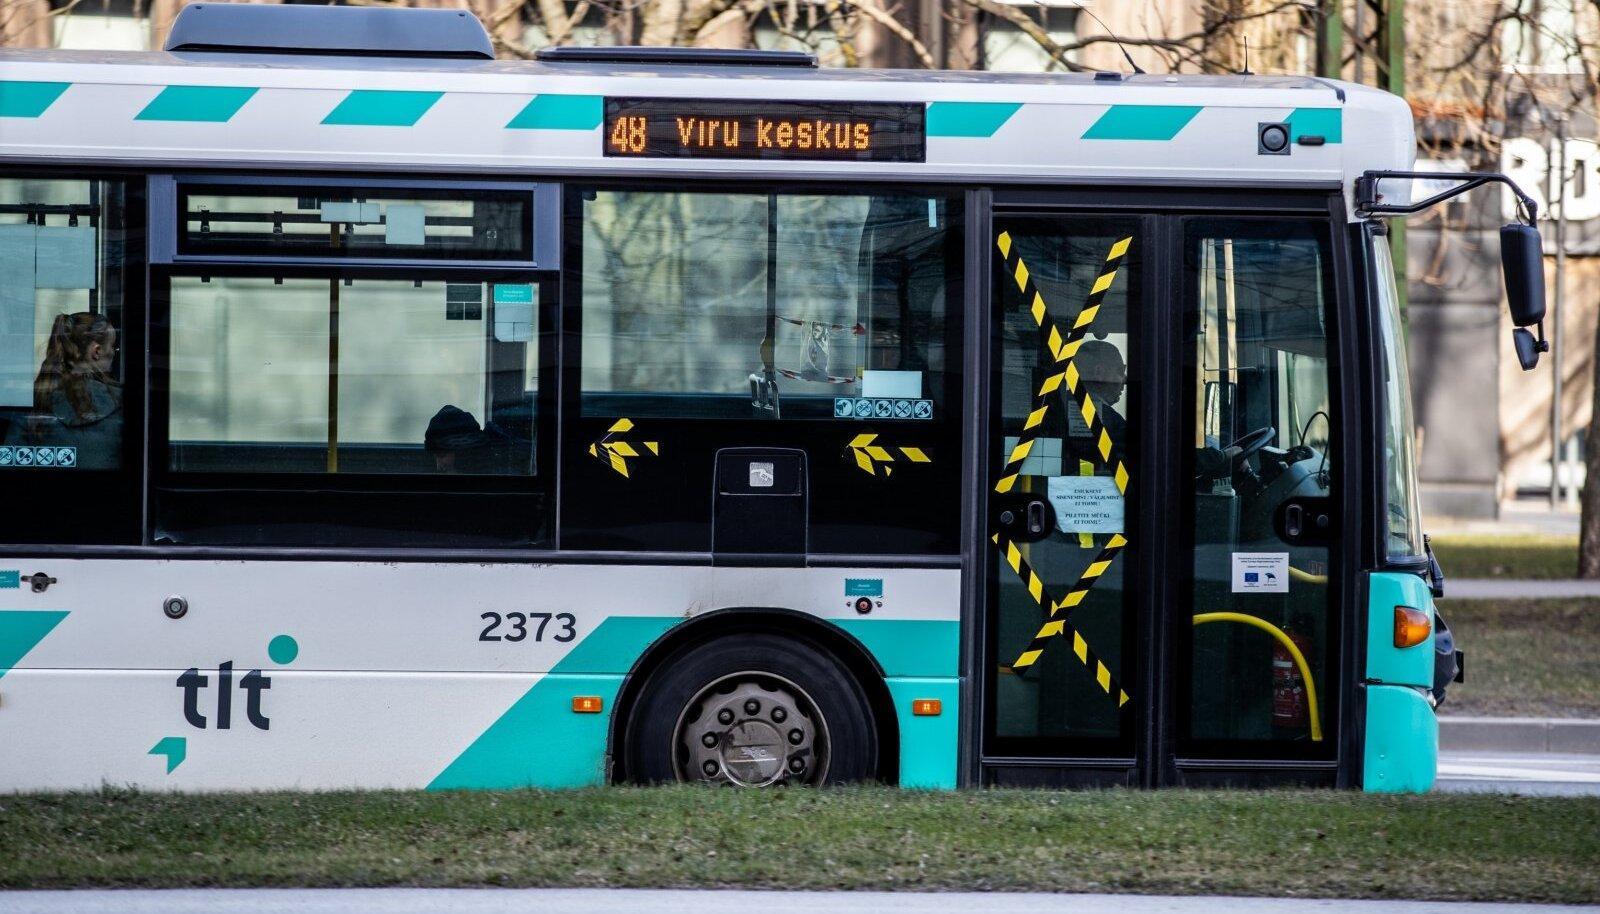 Liikumise piirangud Põhja-Tallinnas seoses koroona viirusega